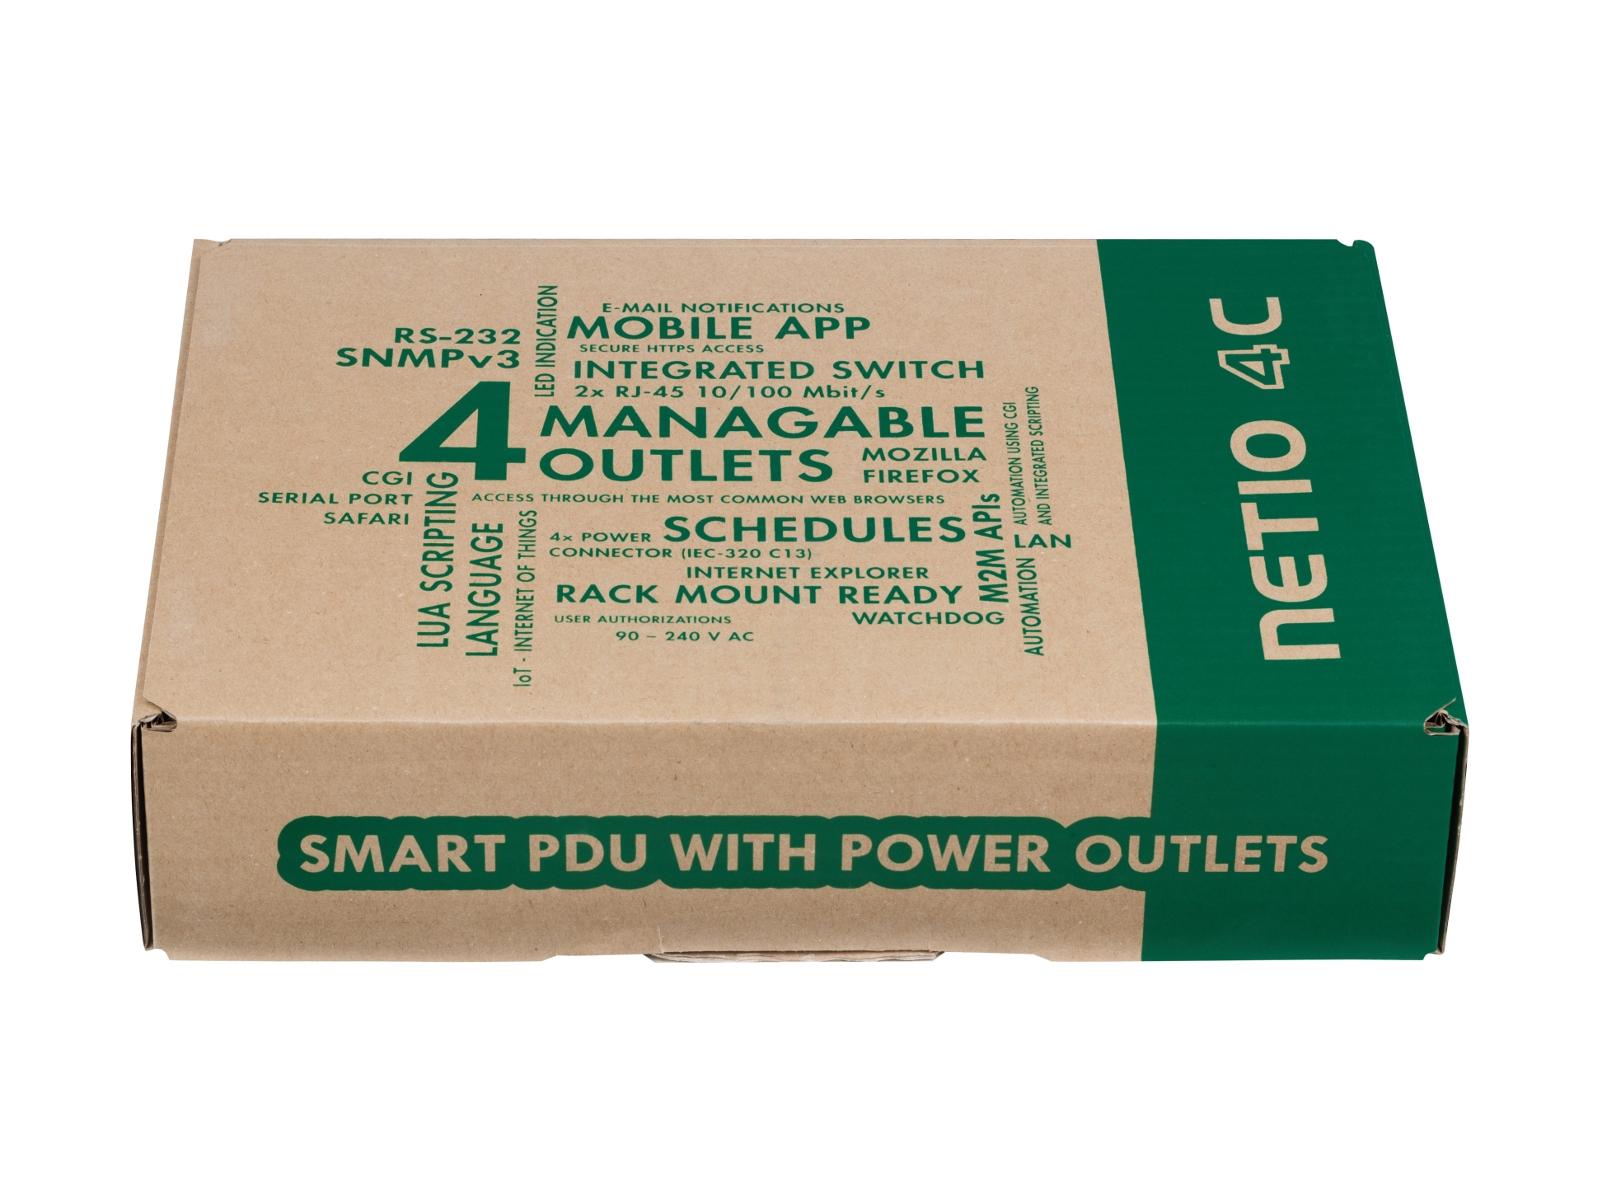 NETIO 4C seriovým portem lze ovládat elektrické výstupy